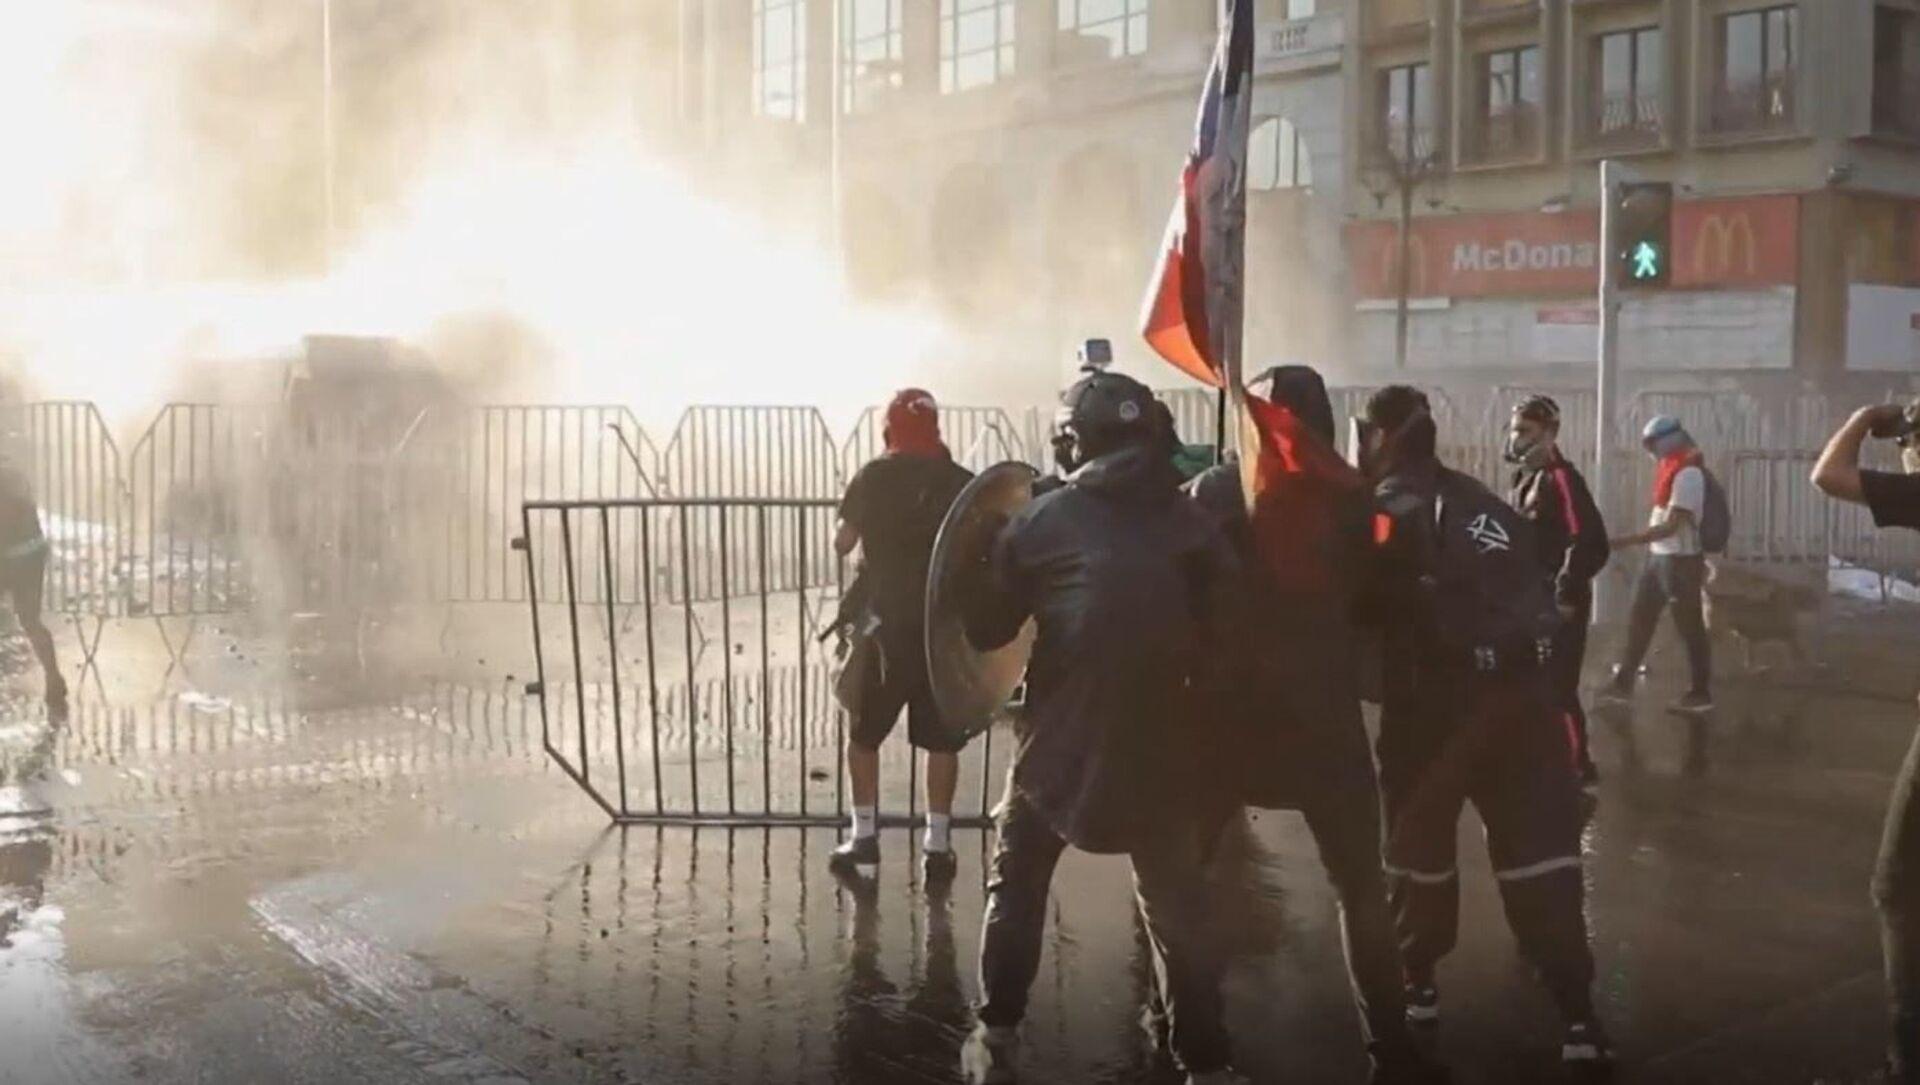 El asesinato de un artista callejero genera protestas y disturbios masivos en Santiago de Chile - Sputnik Mundo, 1920, 09.02.2021